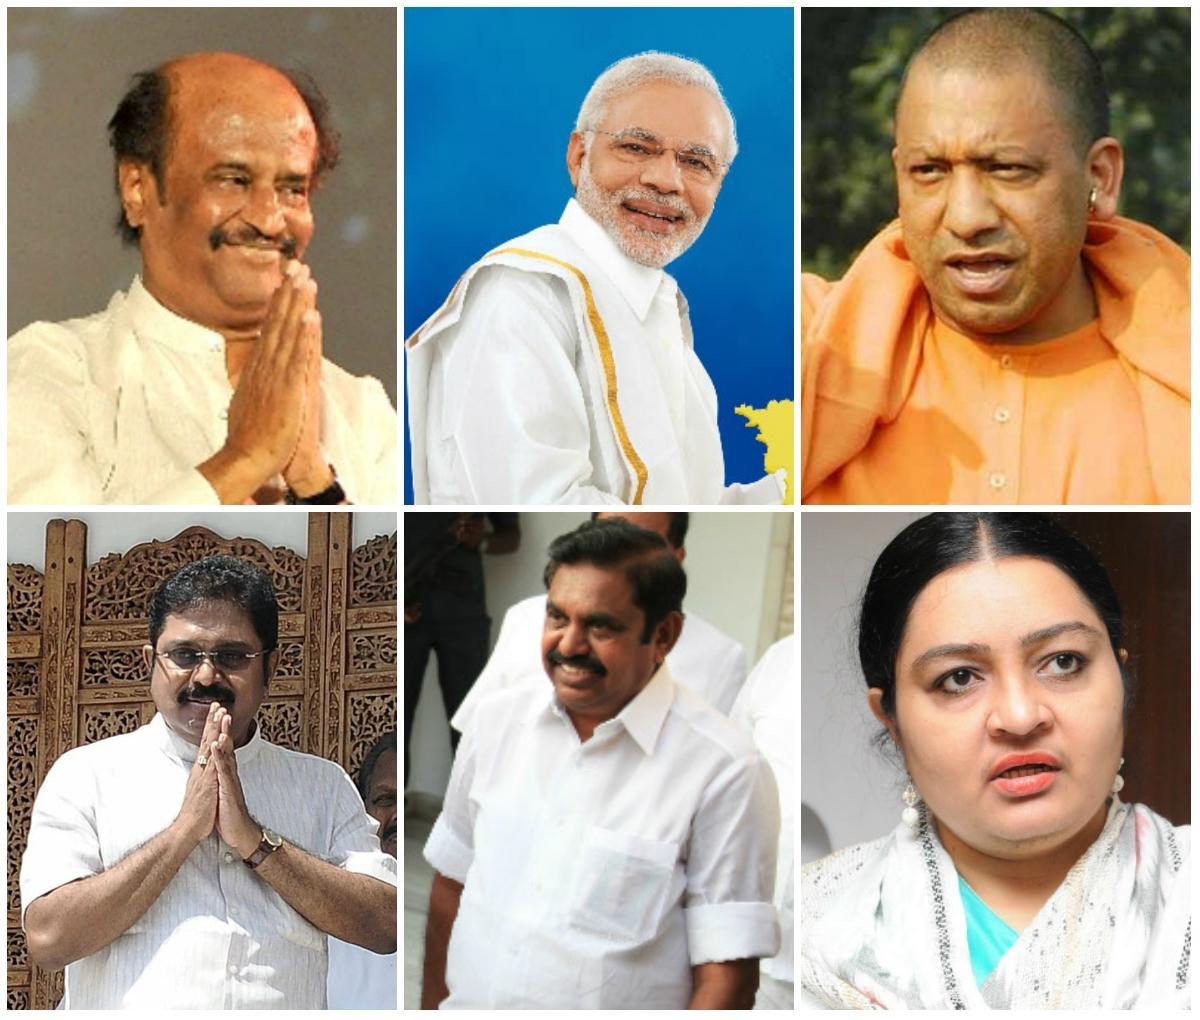 ரஜினி - மோடி - யோகி - தினகரன் - எடப்பாடி பழனிசாமி - தீபா